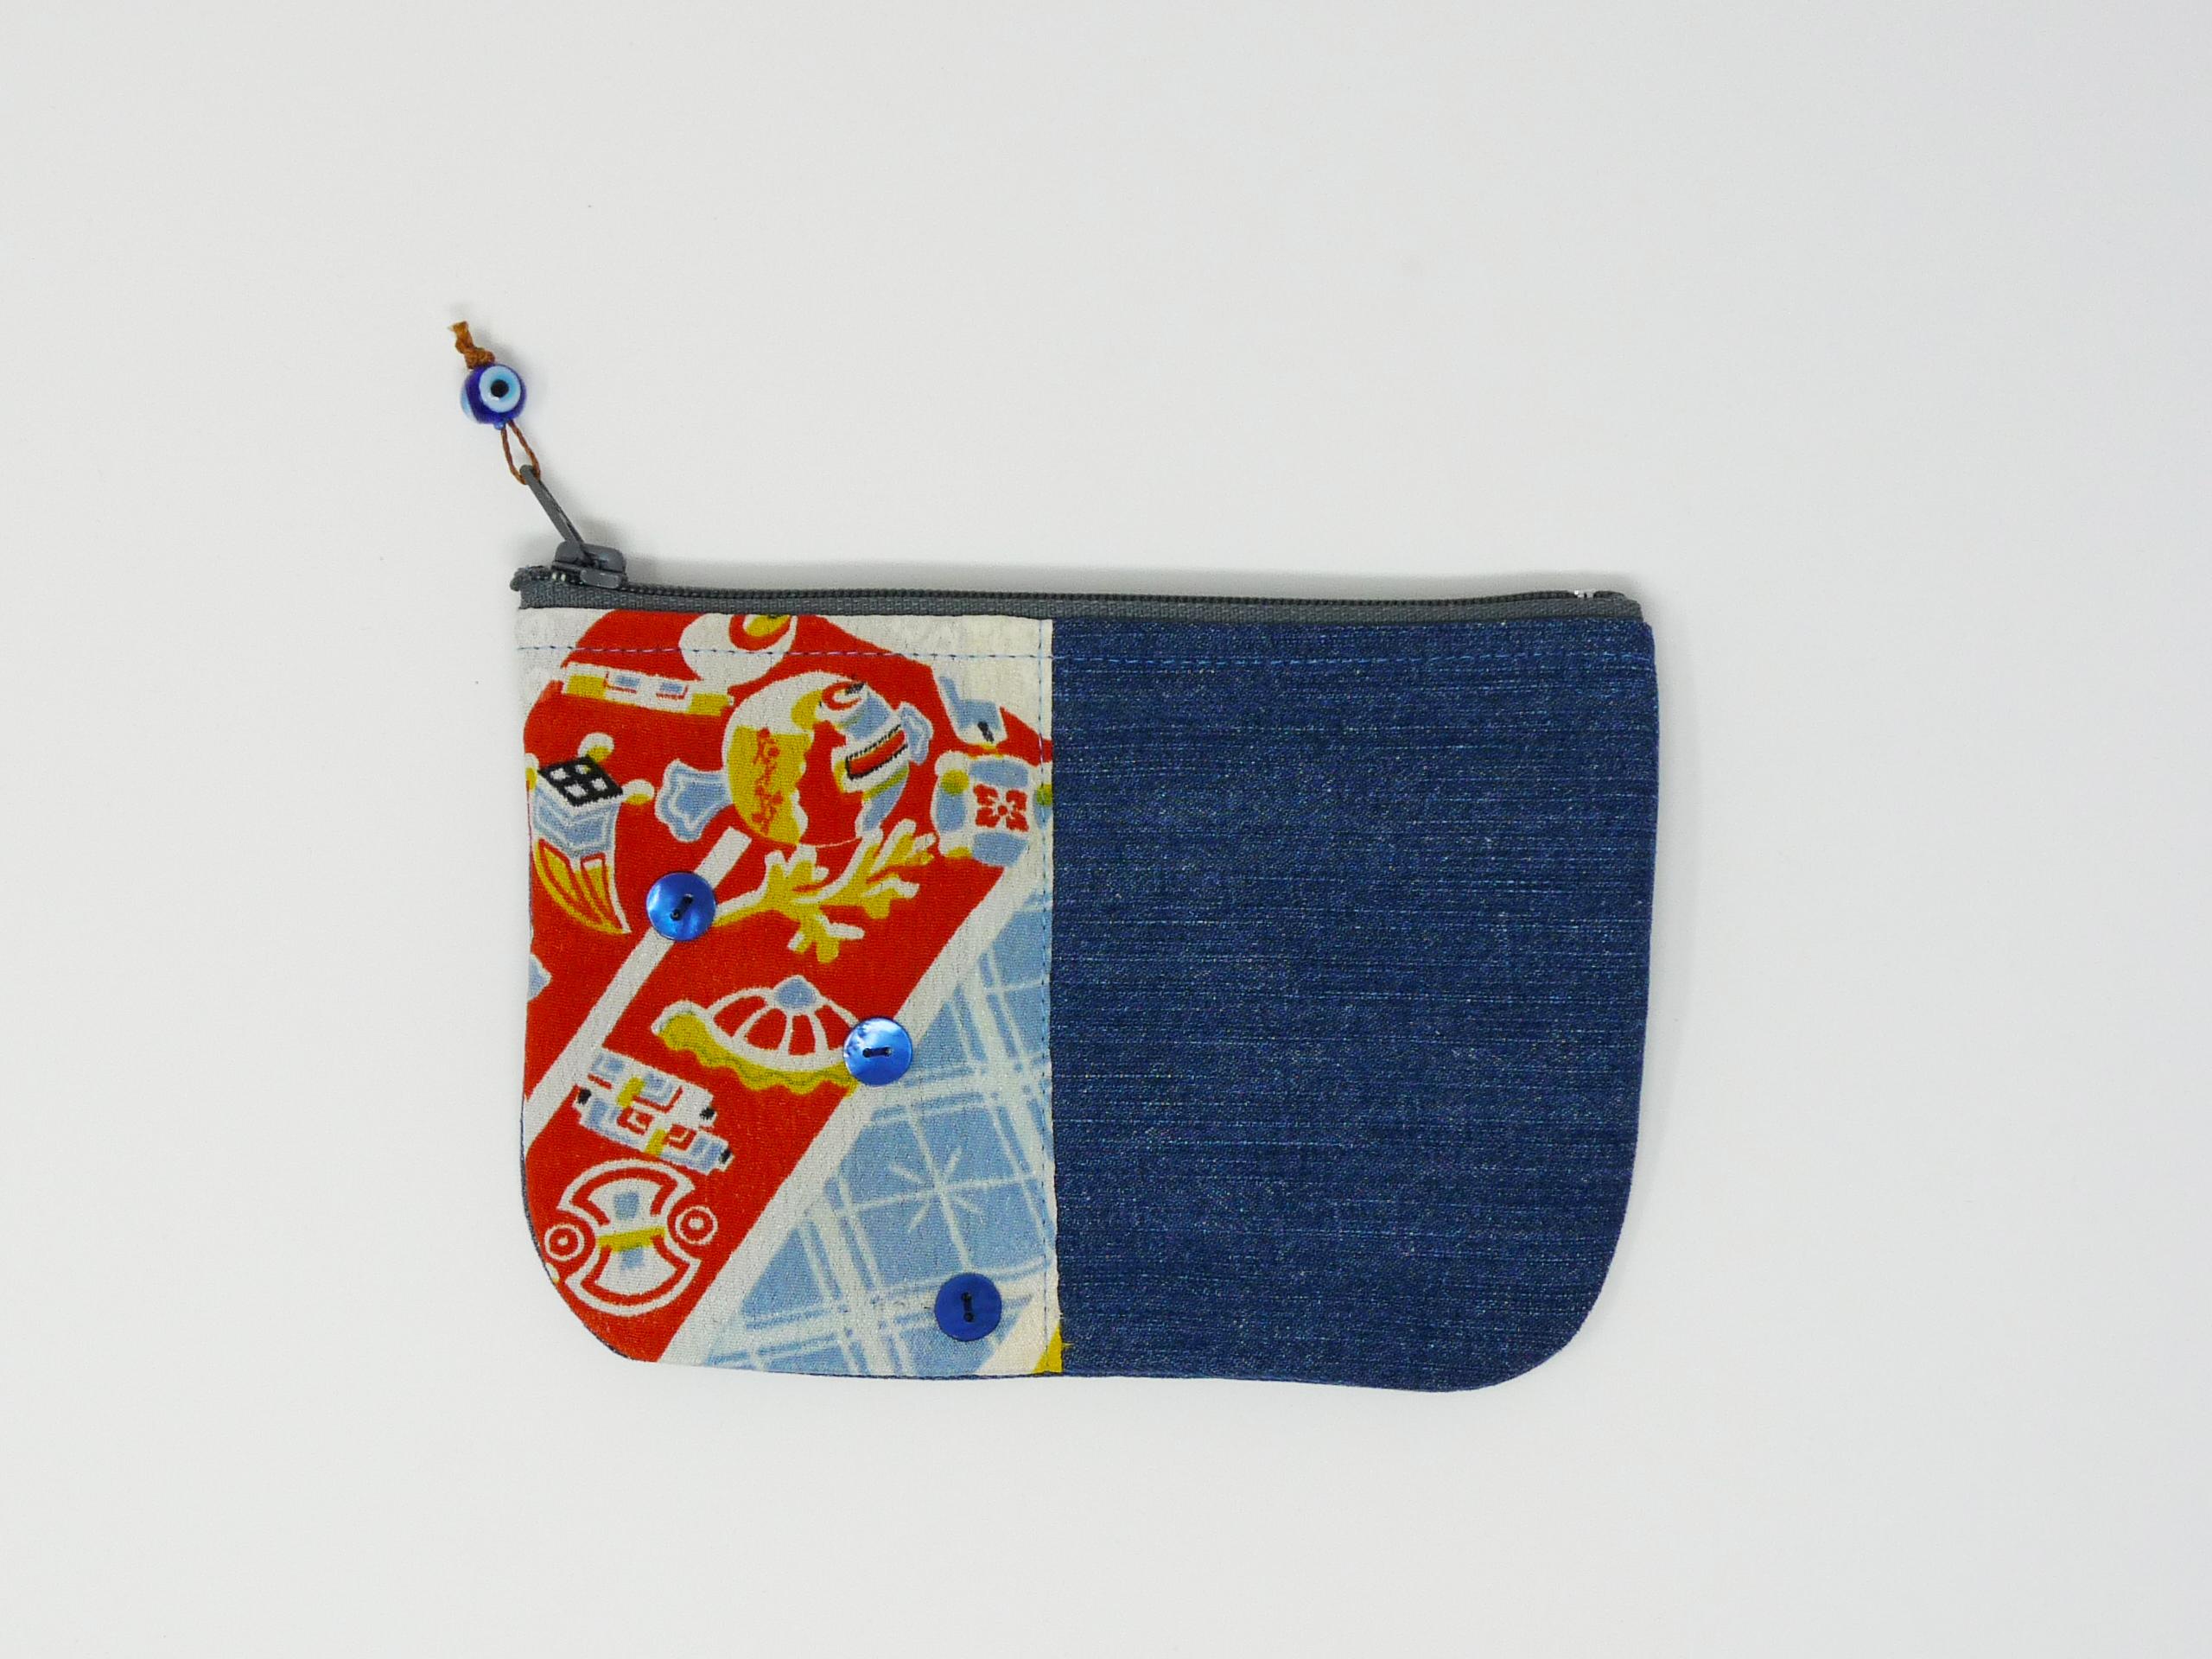 Pochette en jeans avec tissu japonais bleu et rouge